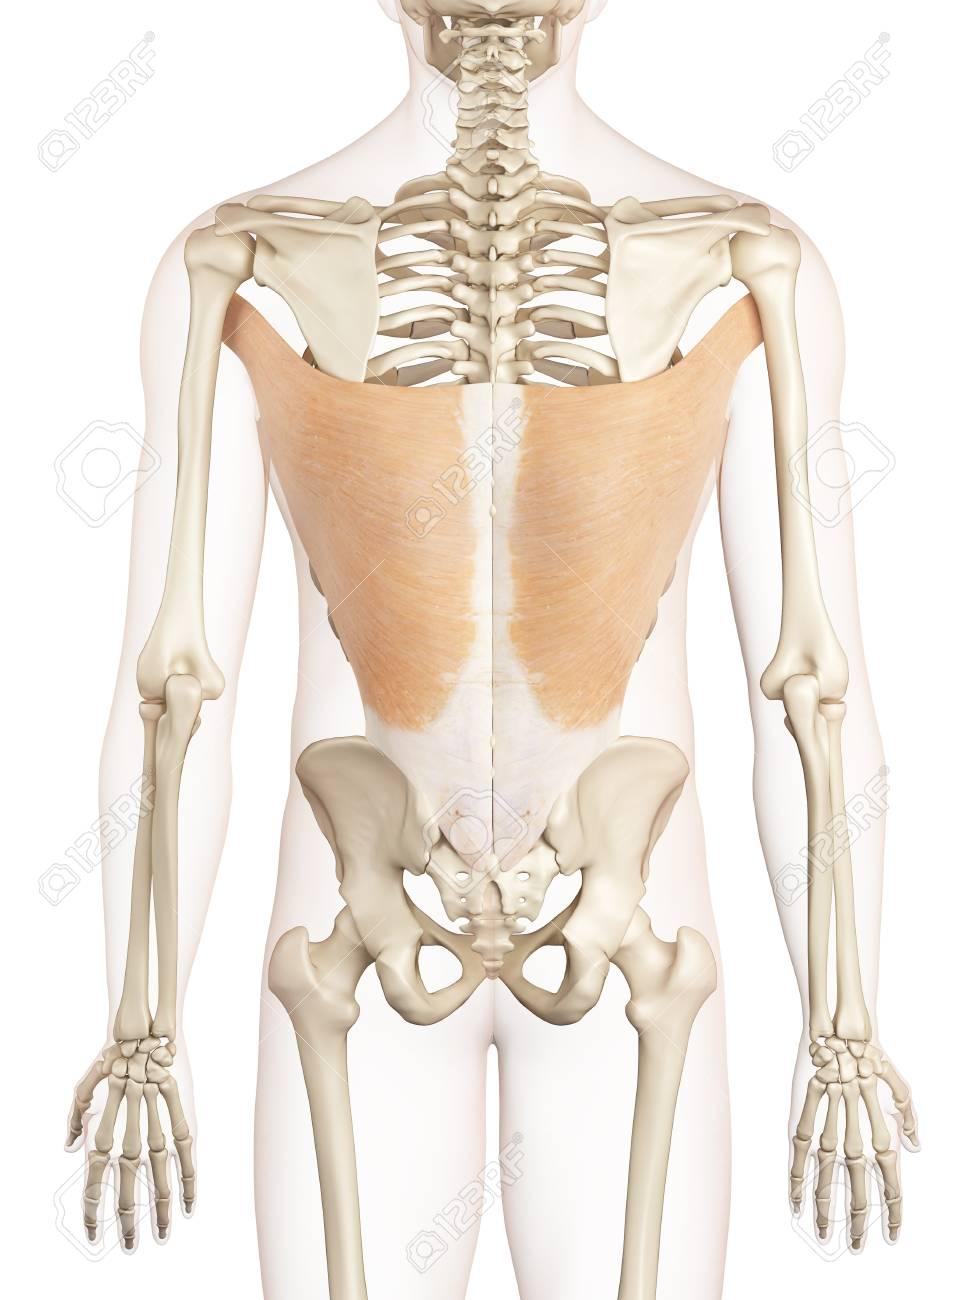 Lujoso Diagrama De Los Músculos De La Espalda Composición - Anatomía ...